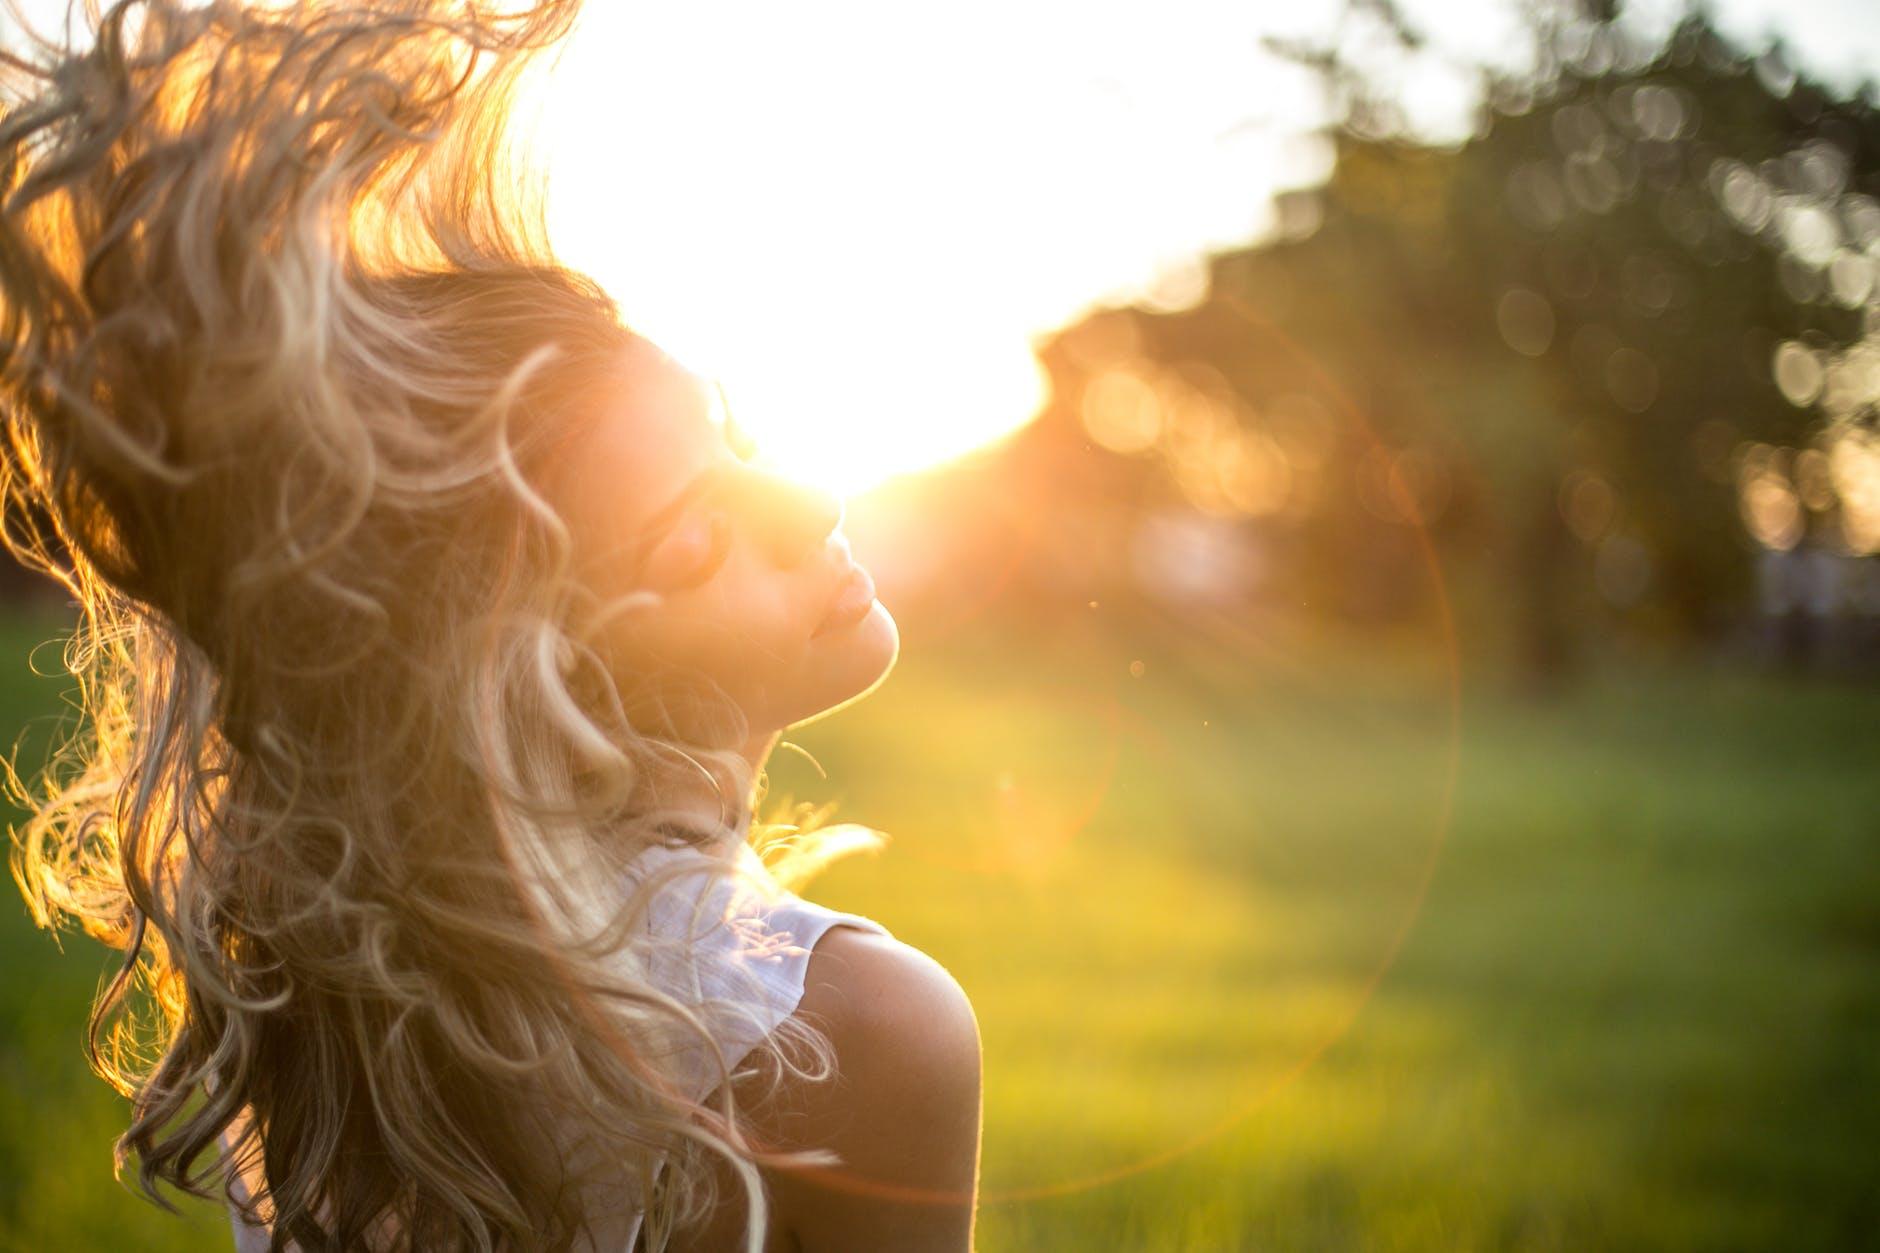 Kem chống nắng-Cô gái hất tóc.